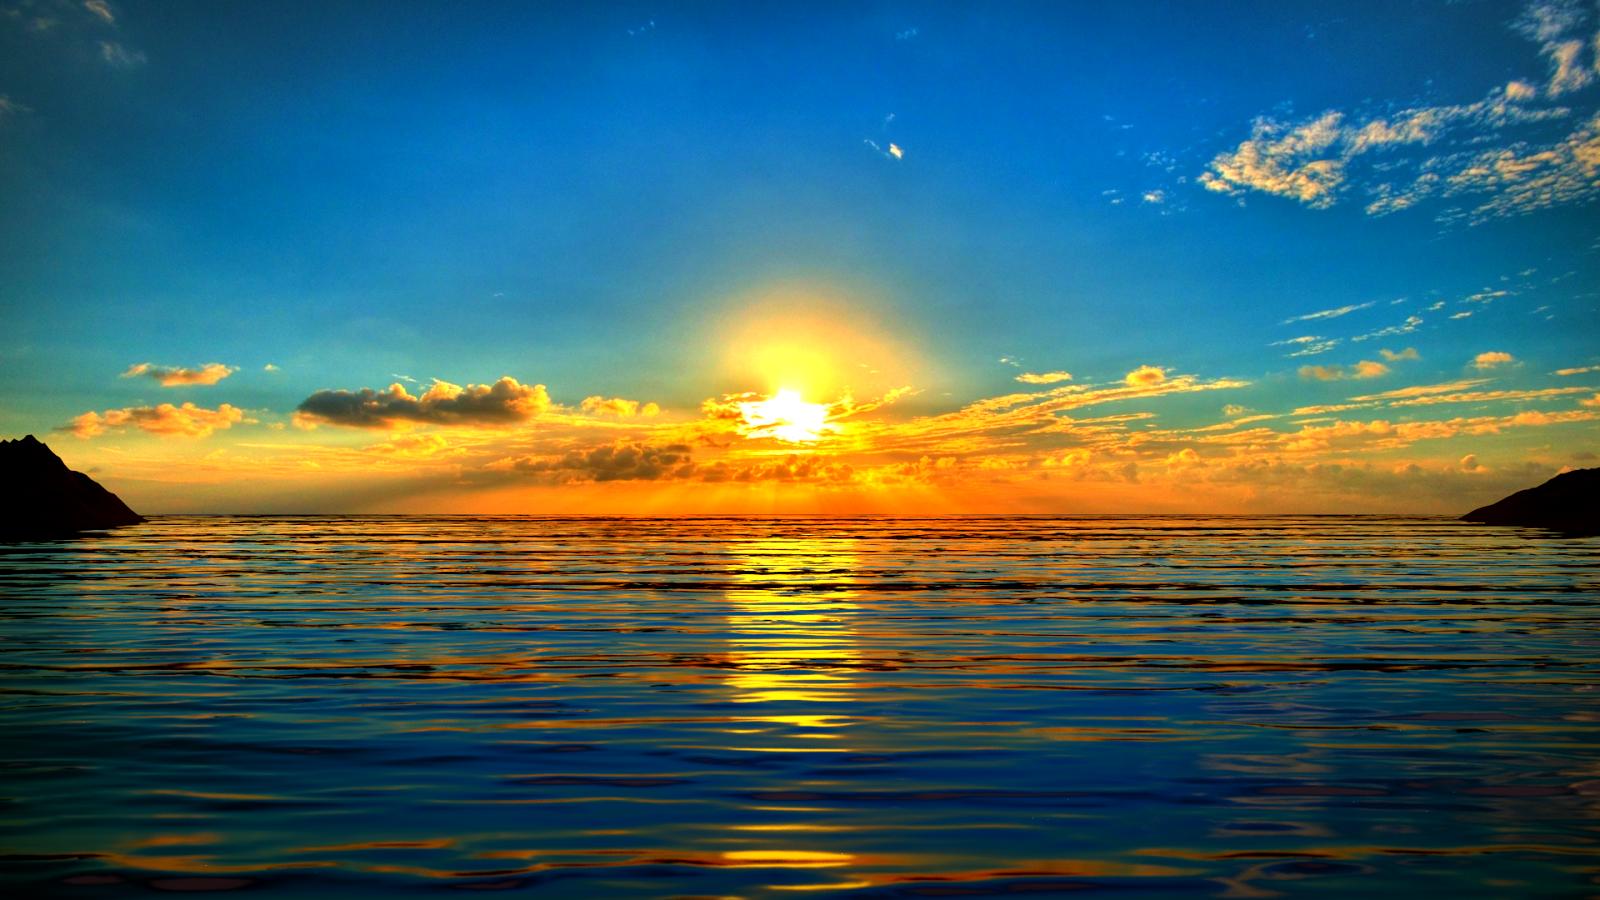 636166526272215607-1859486088_Sunrise_landscape_render_retouches.png